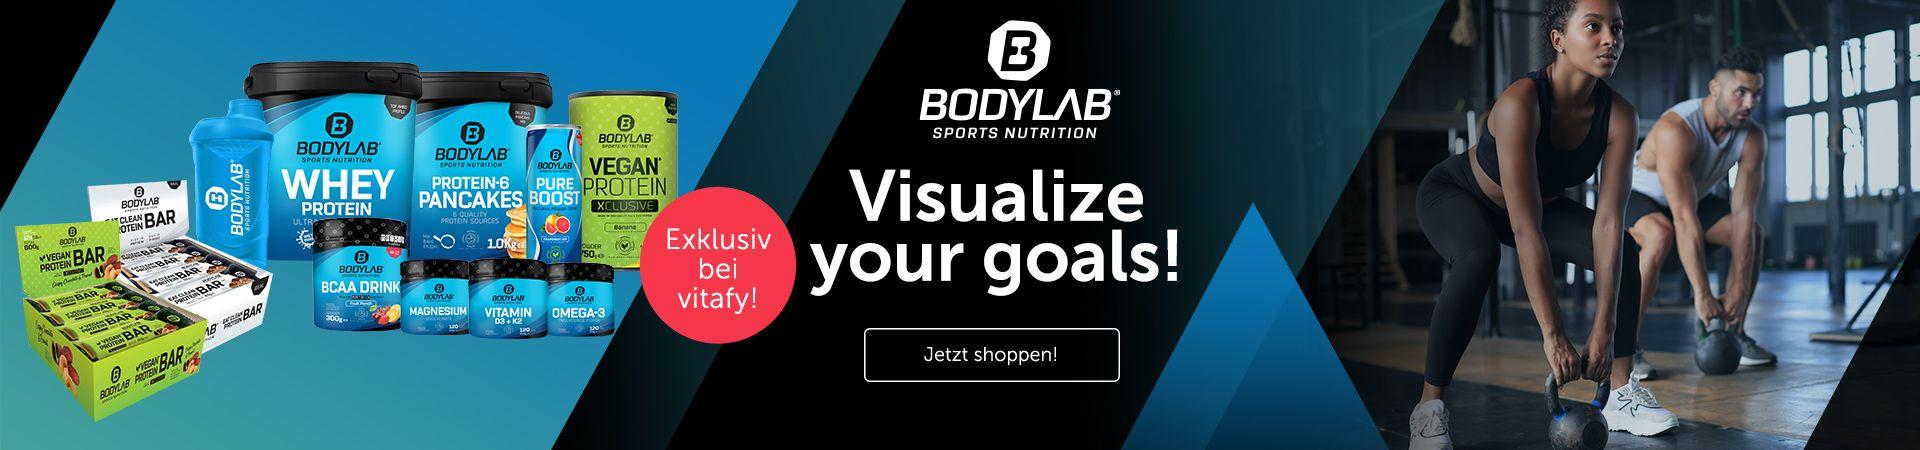 Jetzt die Produktvielfalt von Bodylab24 entdecken!